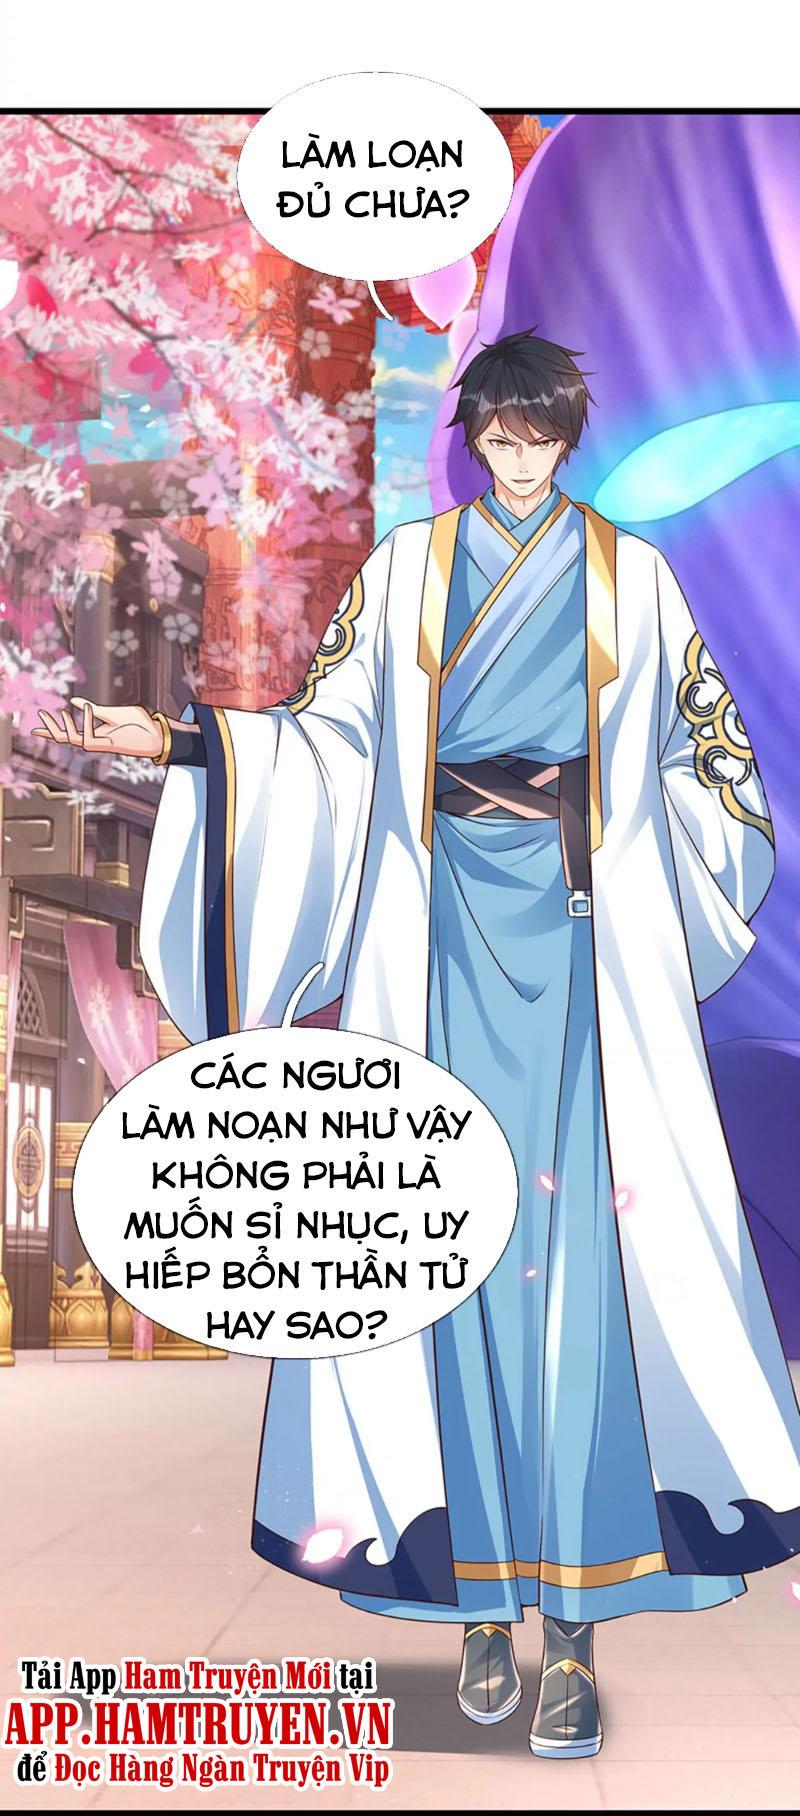 Bắt Đầu Với Chí Tôn Đan Điền Chương 56 - Vcomic.net